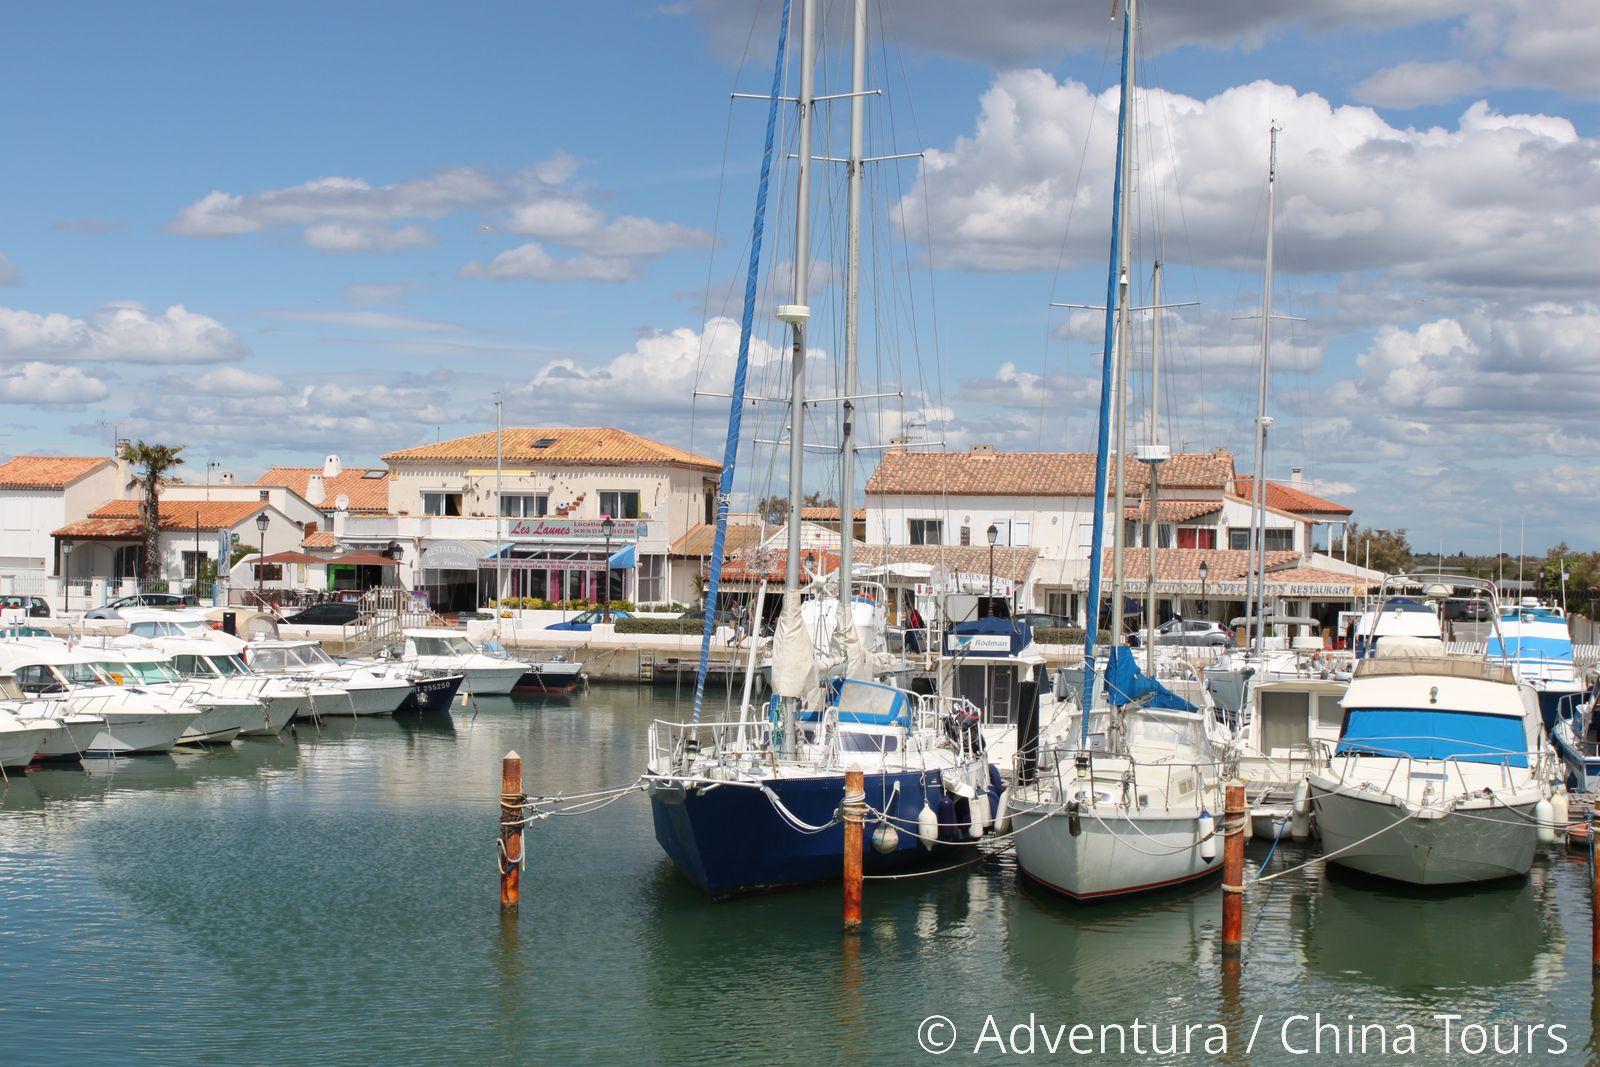 492ab62ef4c2 Saintes-Maries-De-La-Mer - Adventura.cz - poznávací dovolená, turistika,  dovolená na kole